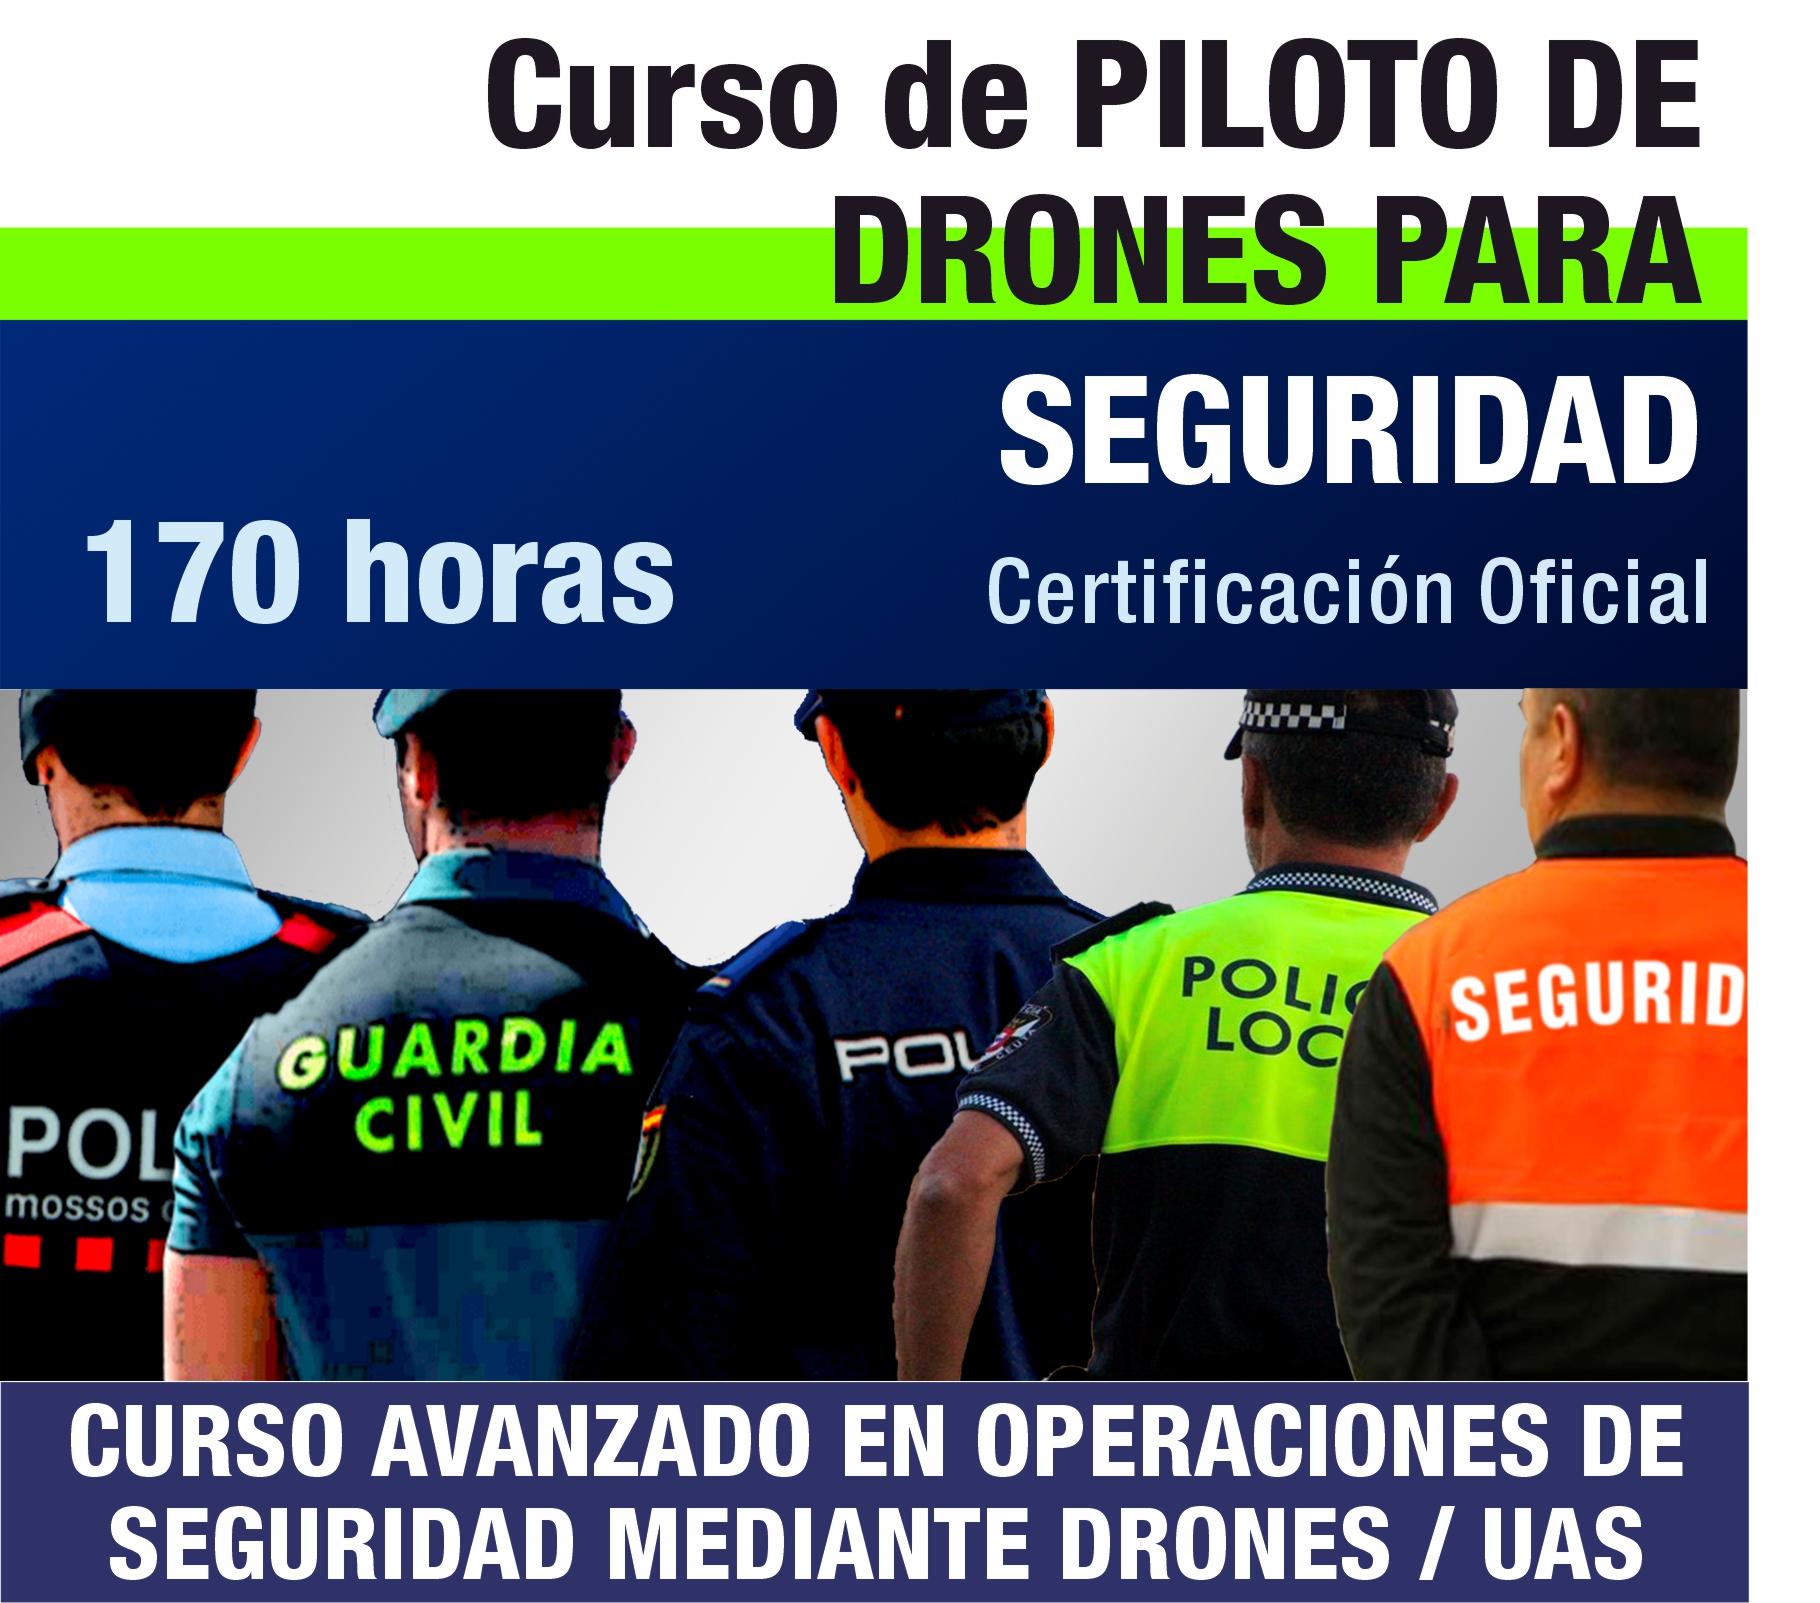 CURSO AVANZADO DE ESPECIALIZACIÓN EN OPERACIONES DE SEGURIDAD MEDIANTE DRONES/RPAS Ed.2